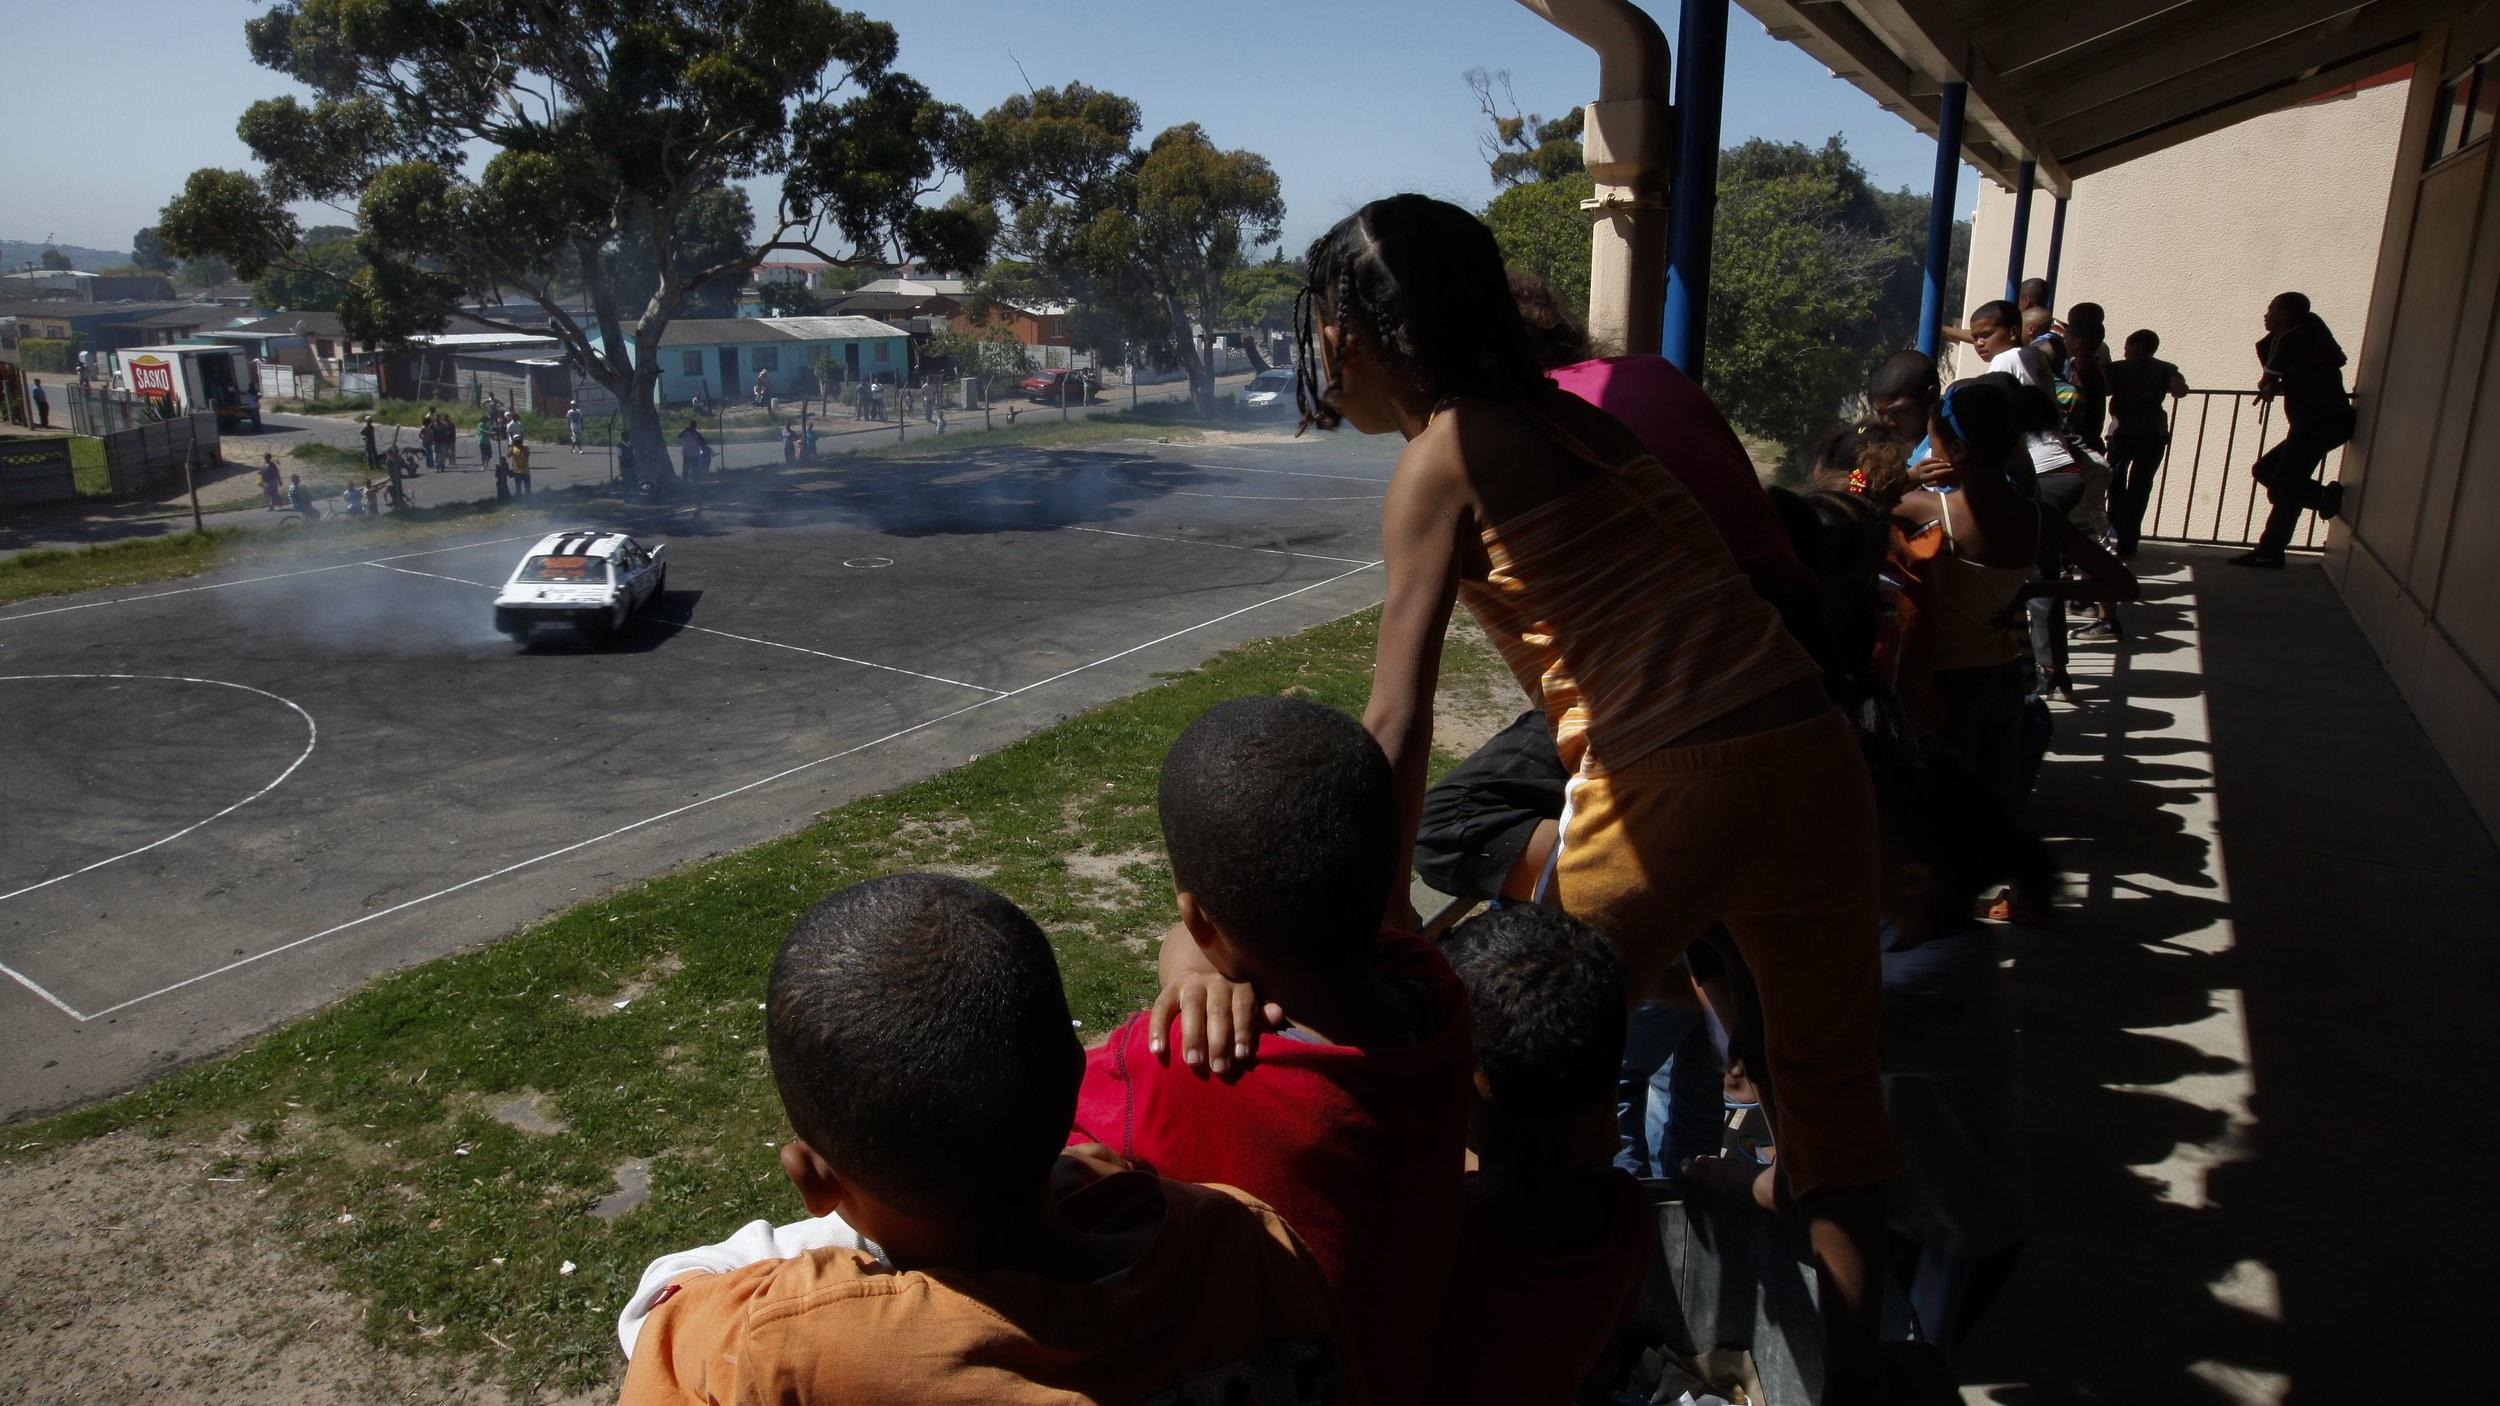 CHILDREN IN ELDORADO PARK WATCH A SPINNER. CREDIT: NIC BOTHMA/EPA/SHUTTERSTOCK